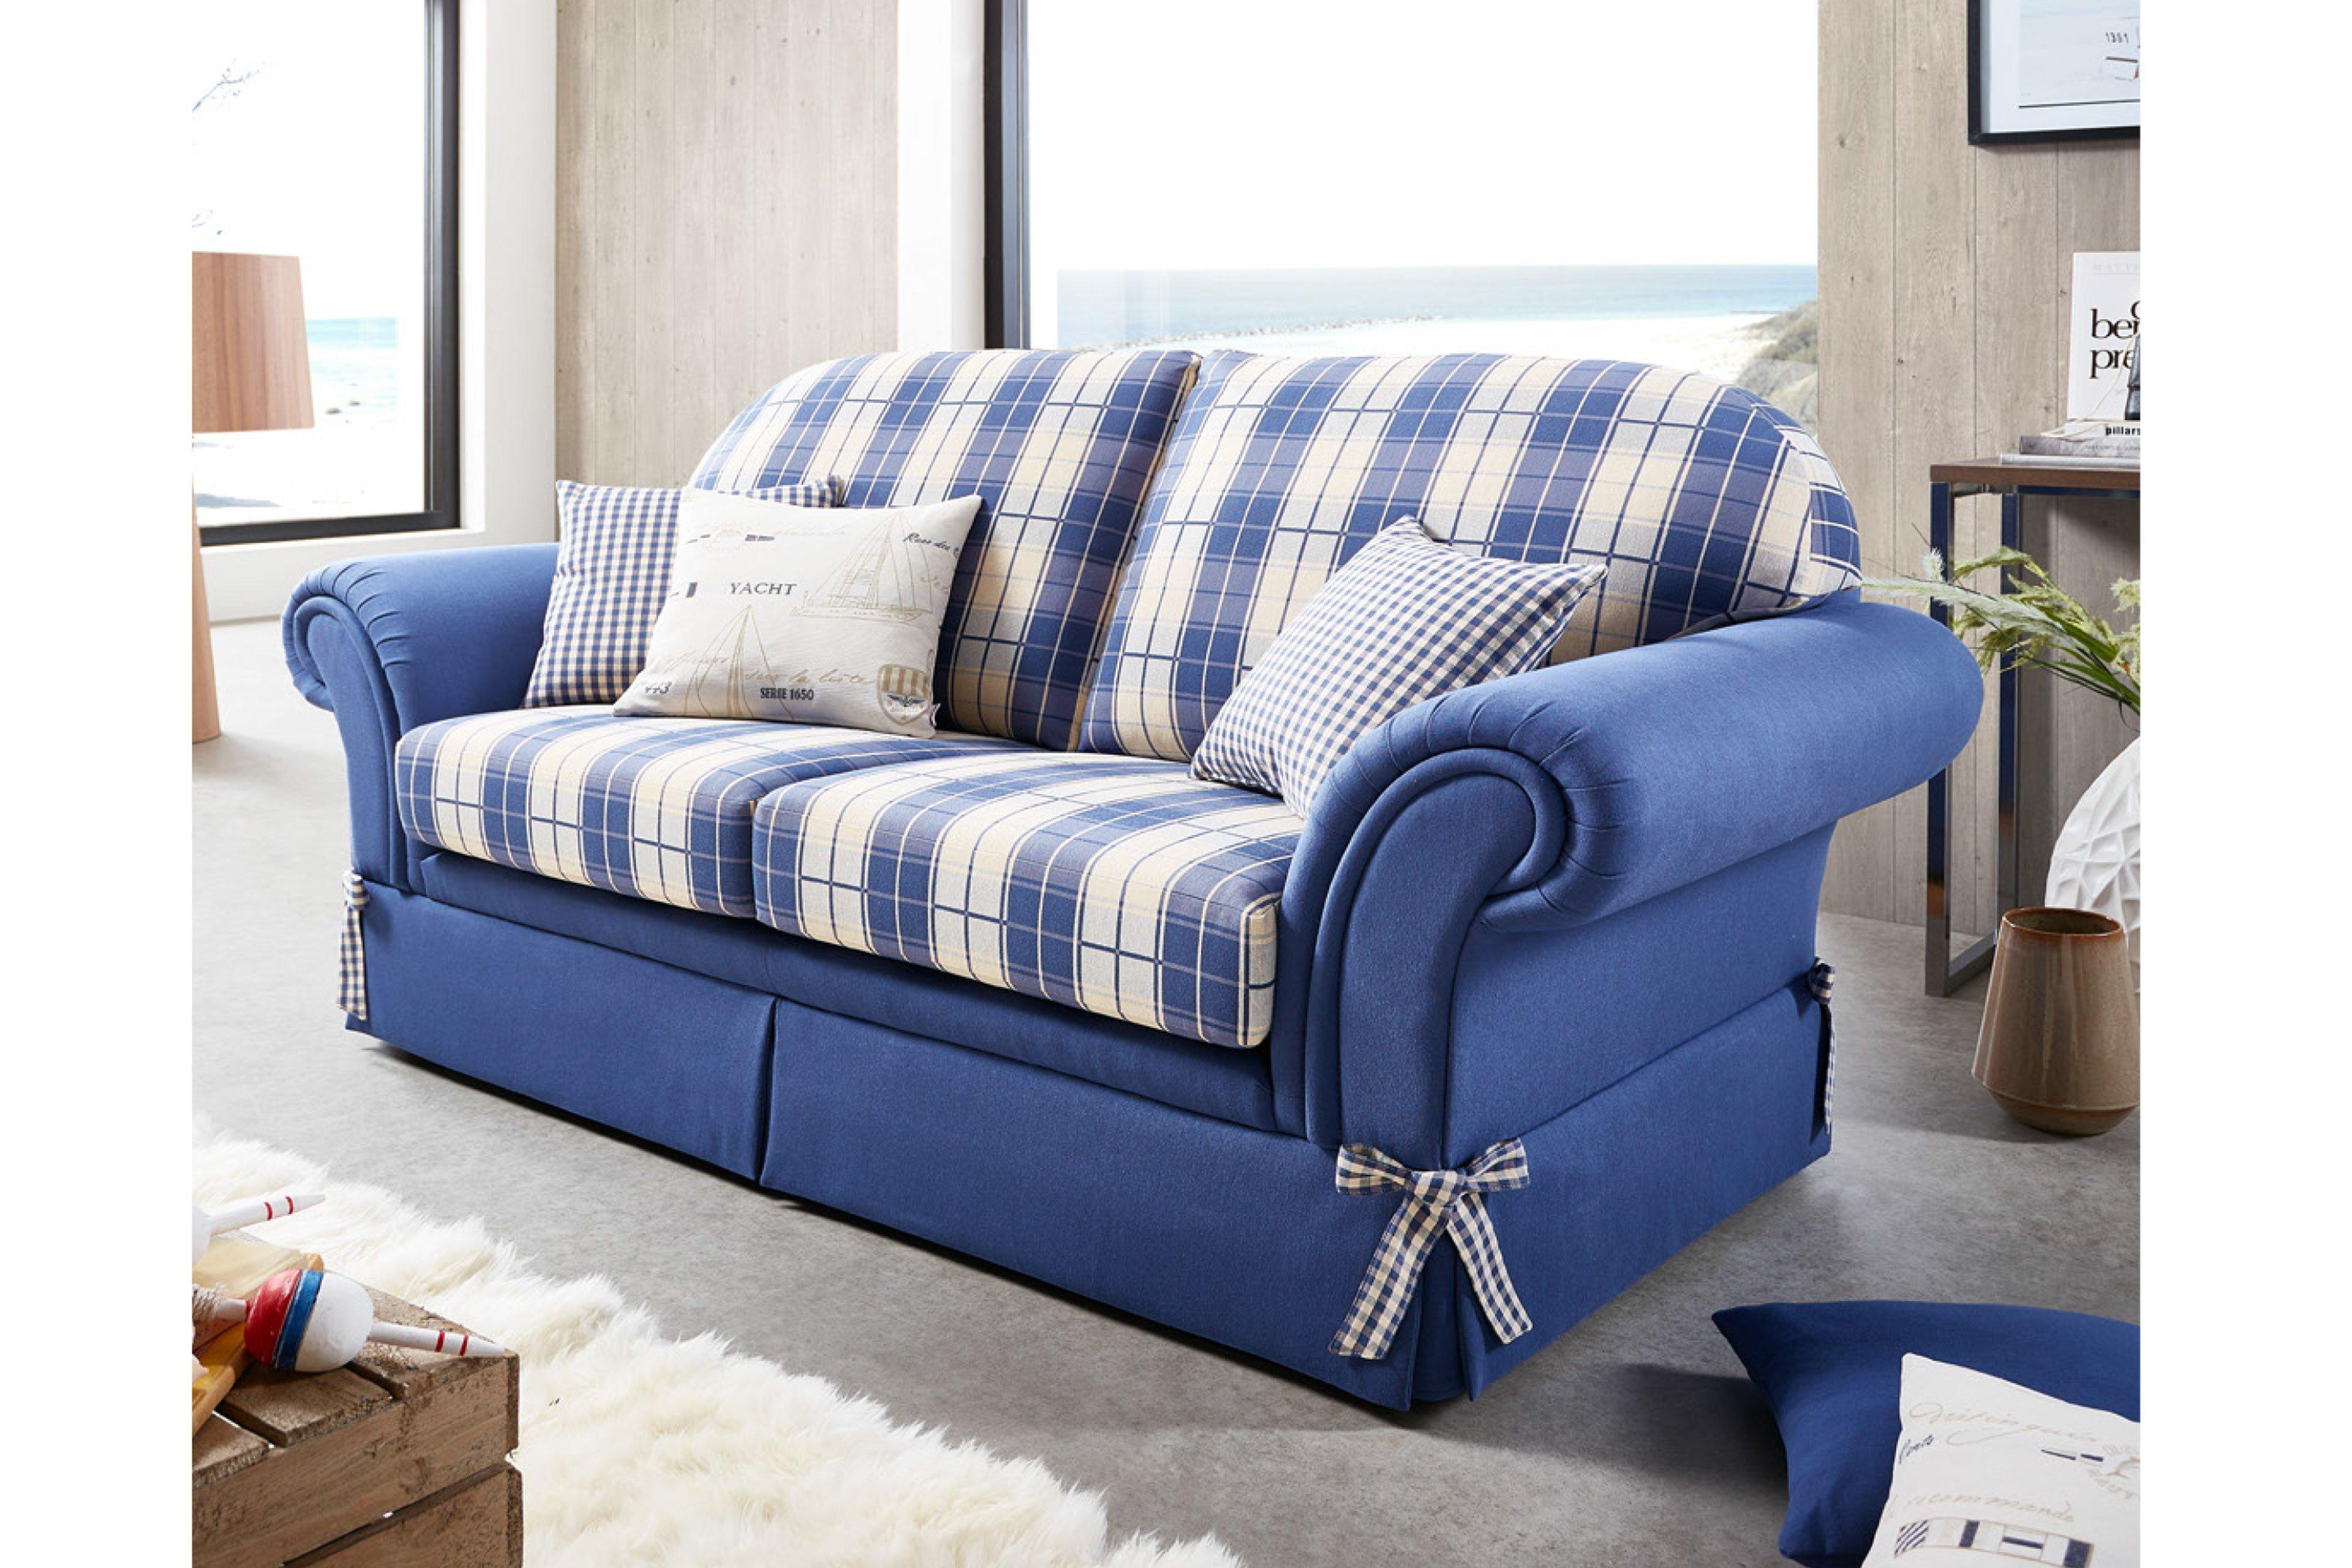 Schröno Polstermöbel | Möbel Letz - Ihr Online Shop